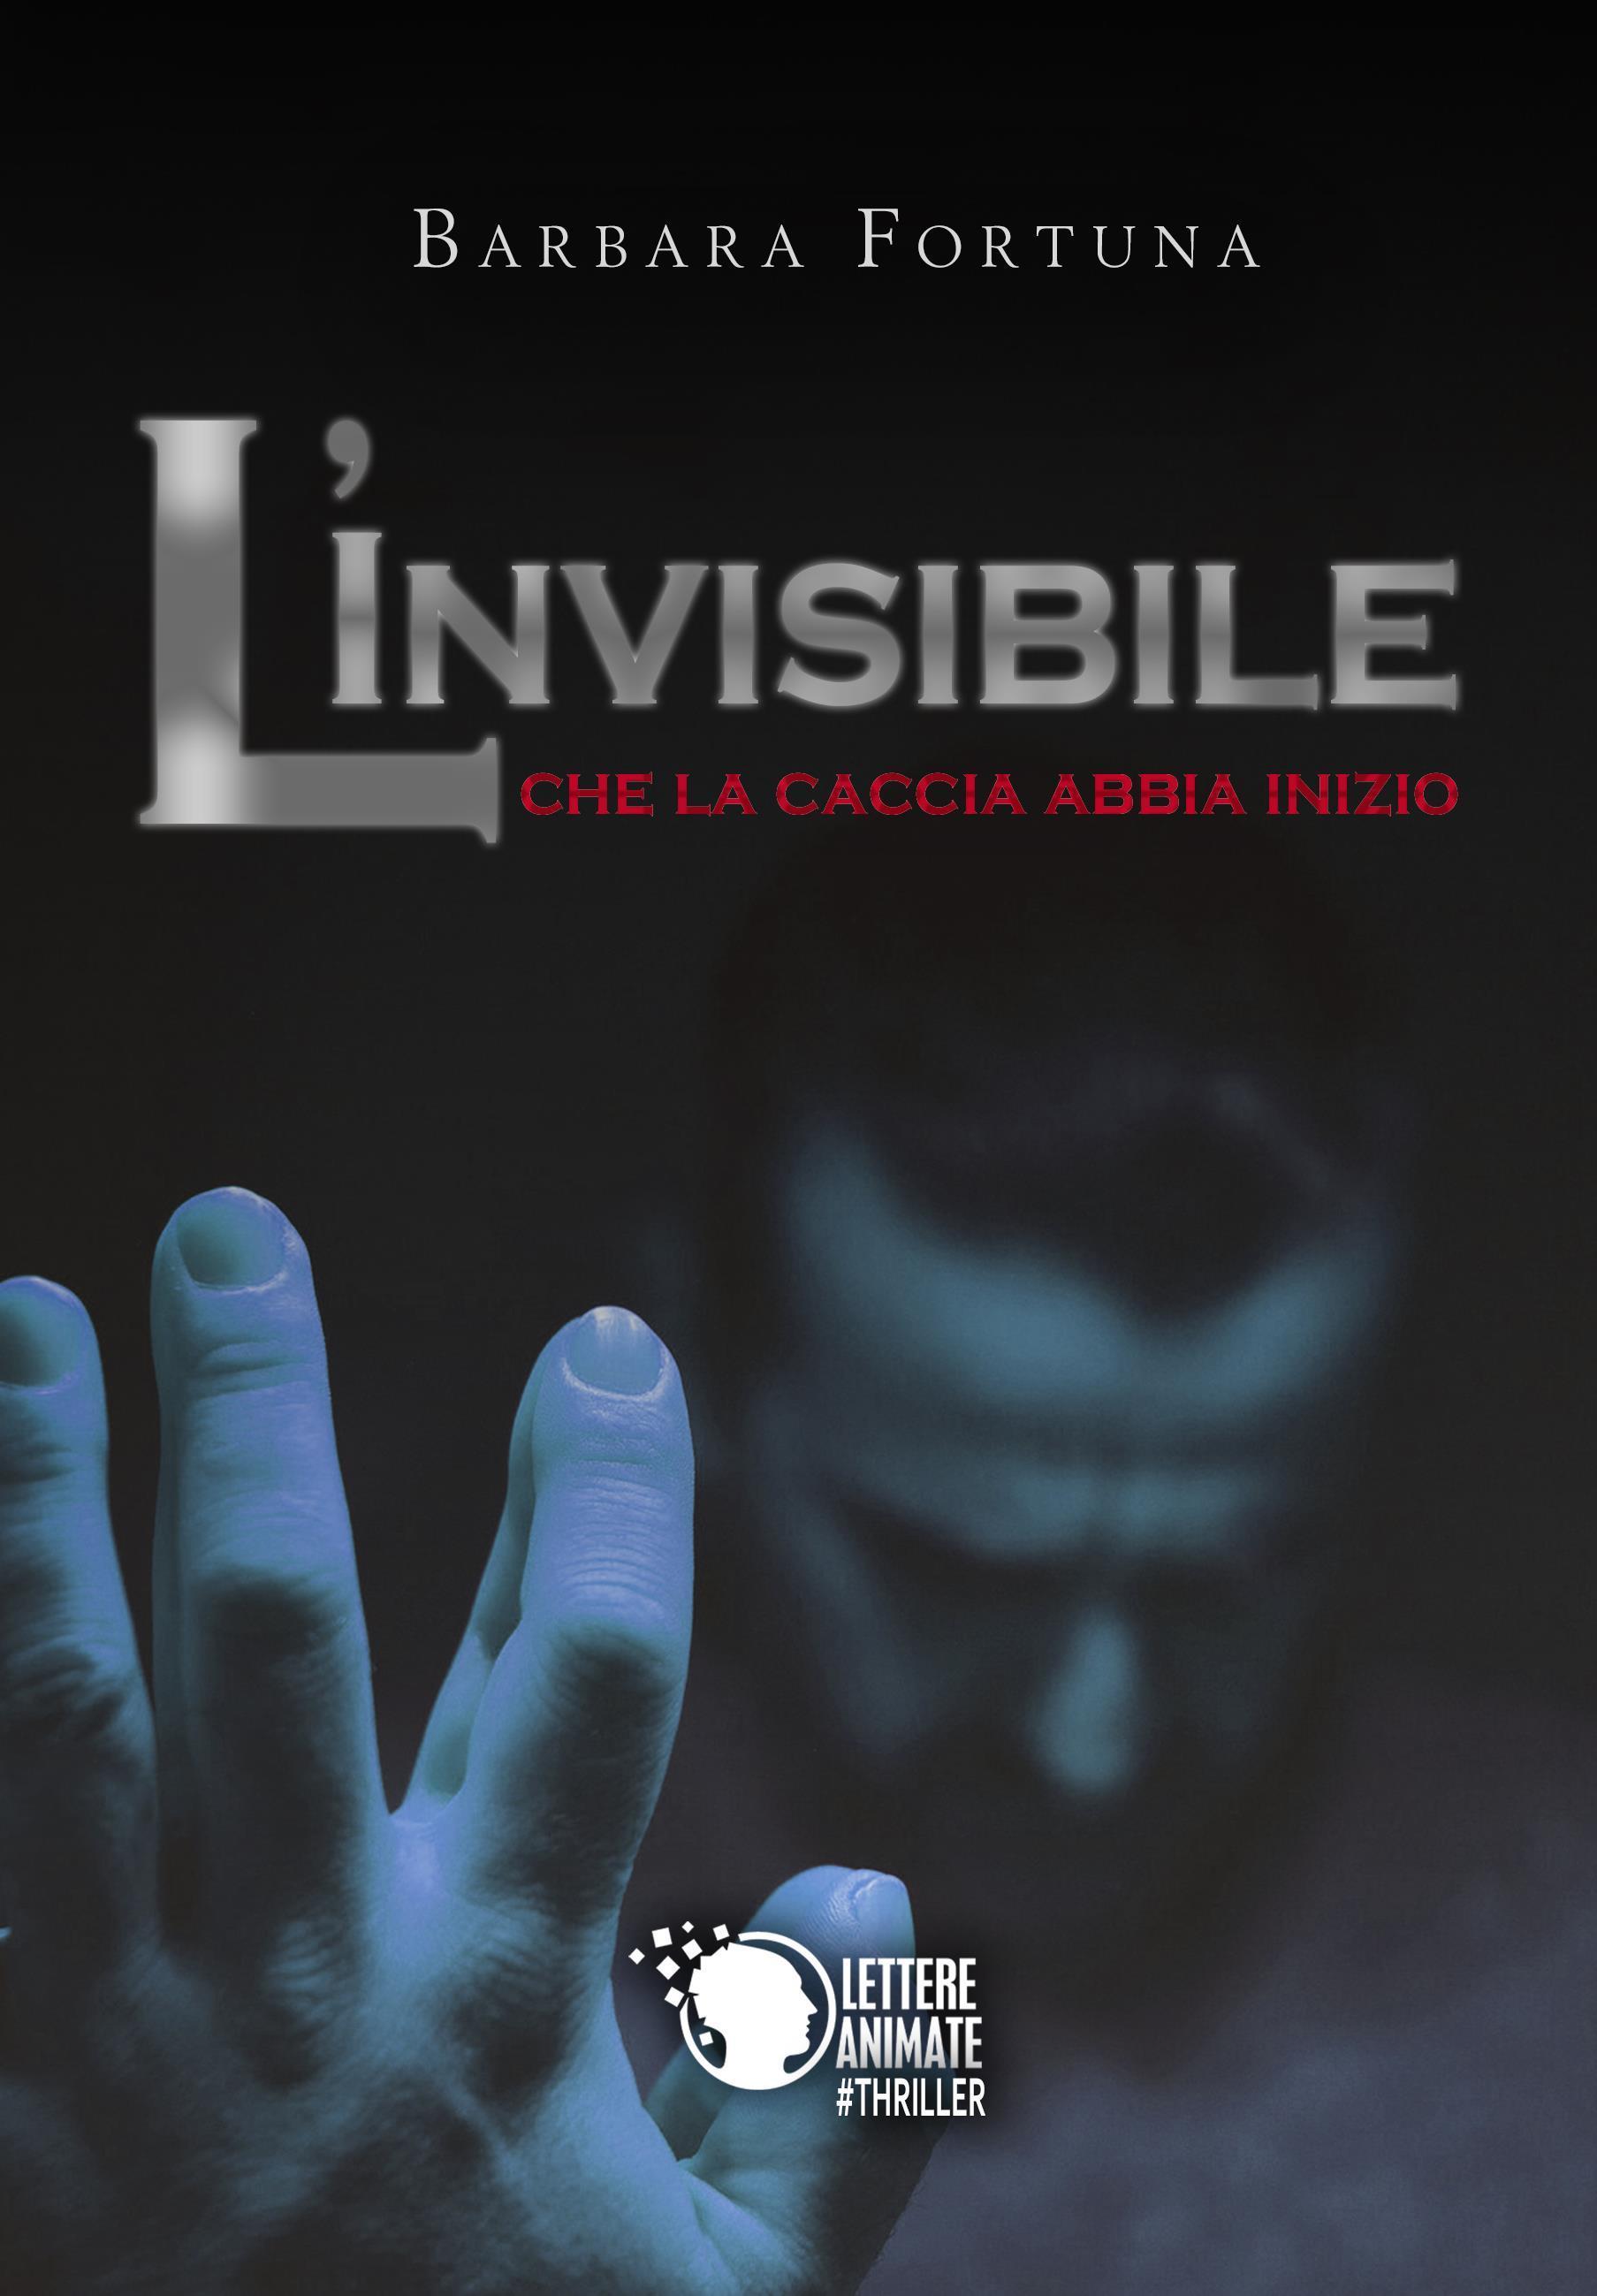 L'invisibile - Che la caccia abbia inizio